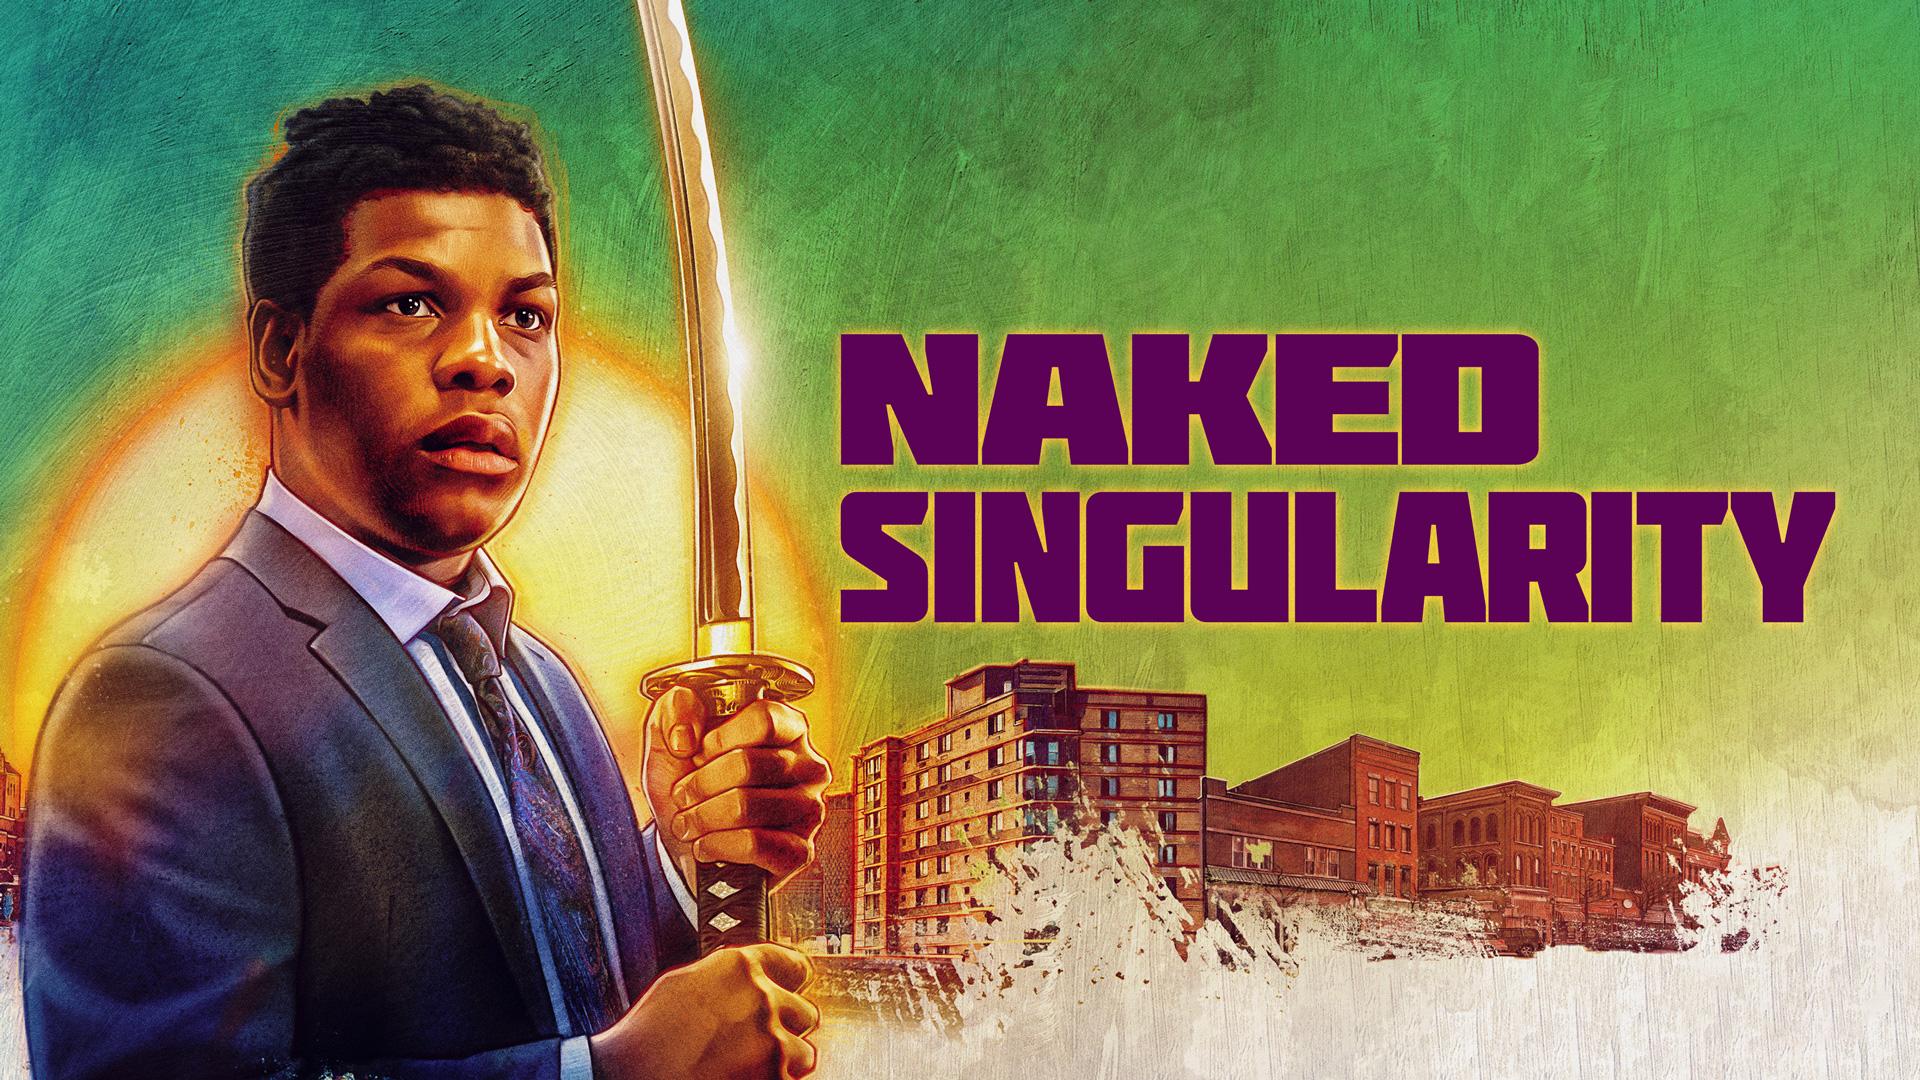 Naked Singularity